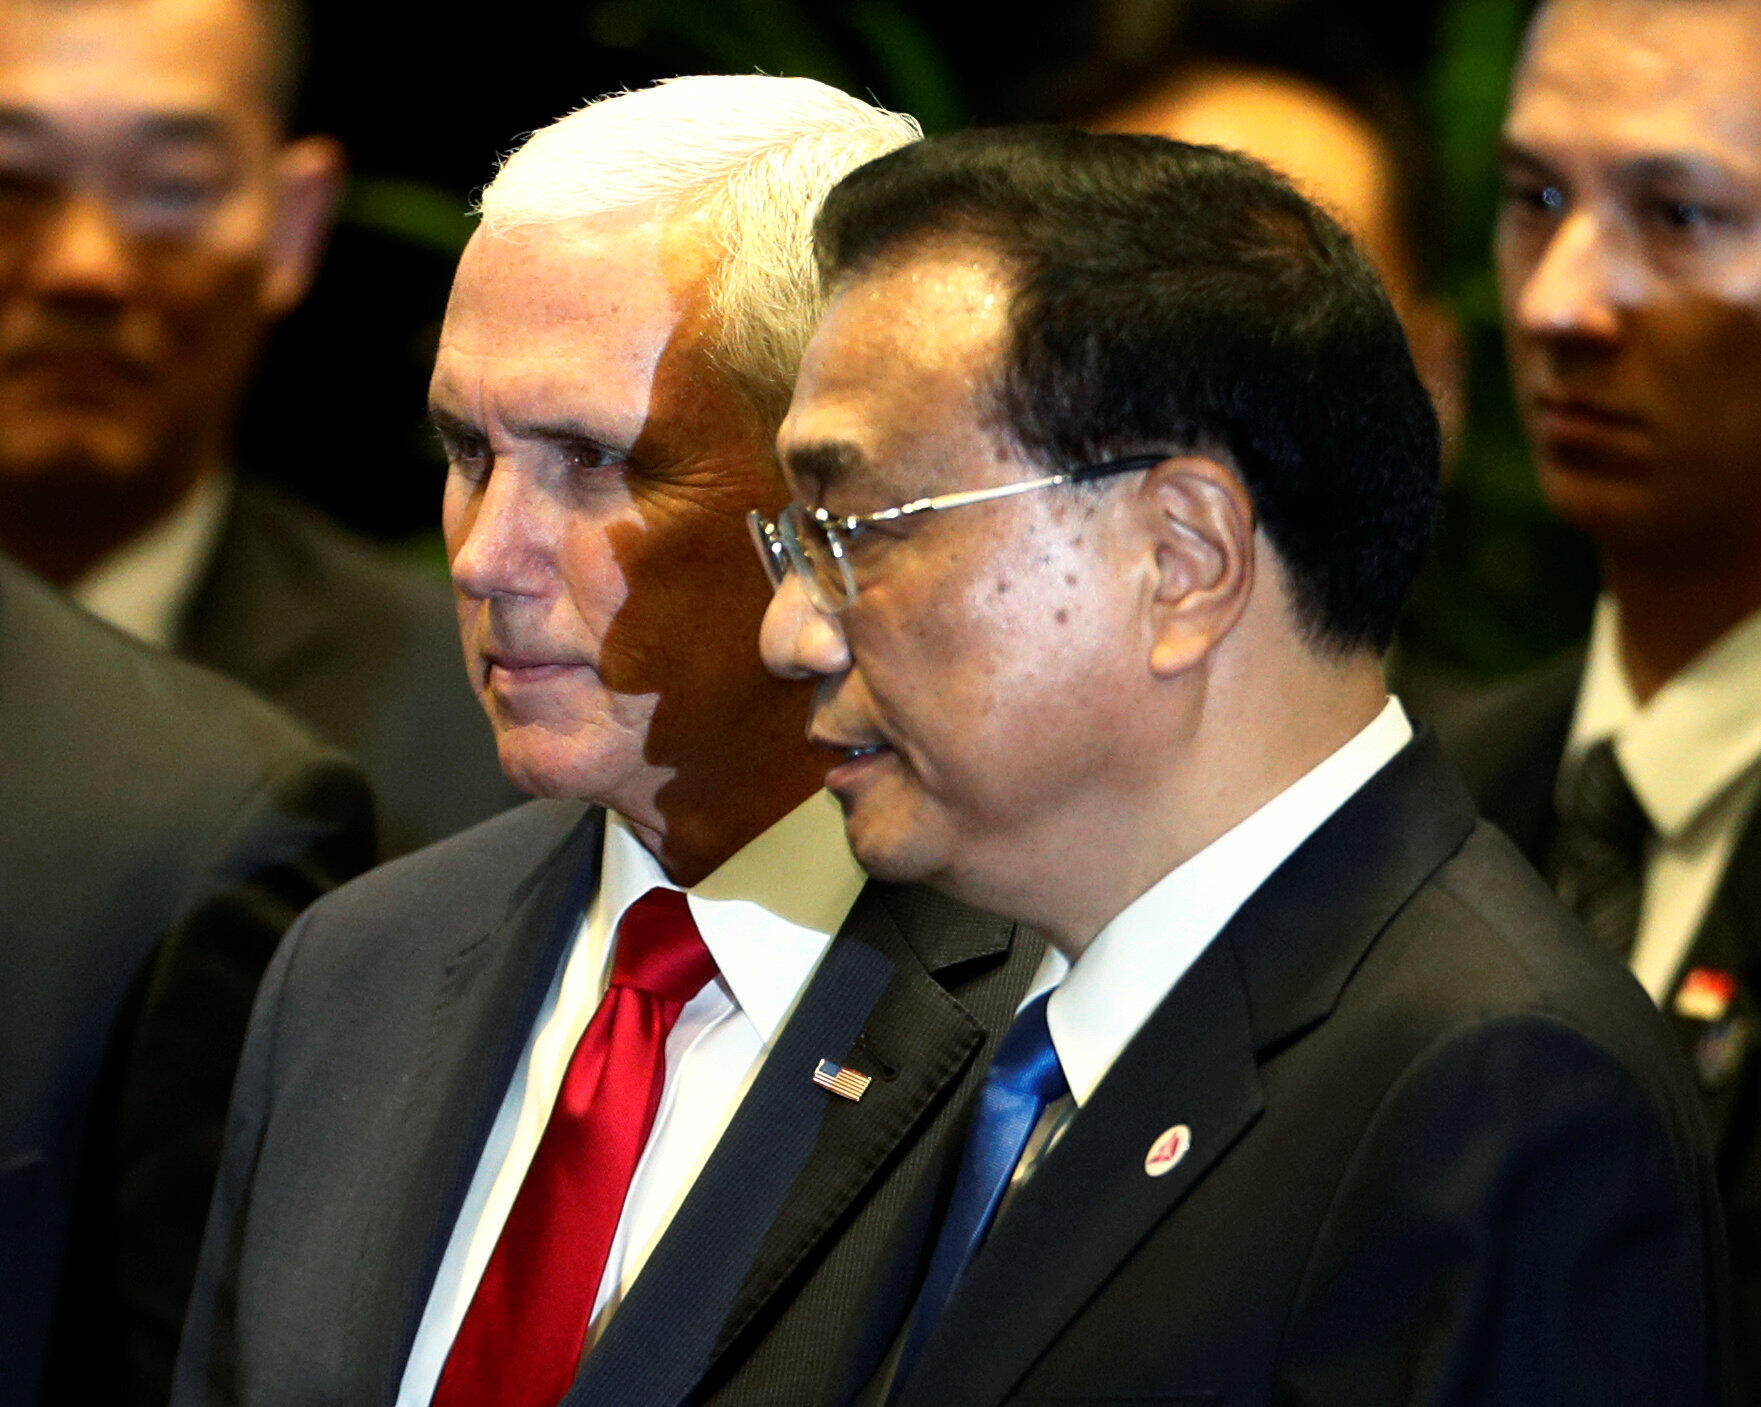 Phó tổng thống Mỹ Mike Pence và thủ tướng Trung Quốc Lý Khắc Cường tại Thượng đỉnh Đông Á, Singapore, ngày 15/11/2018.